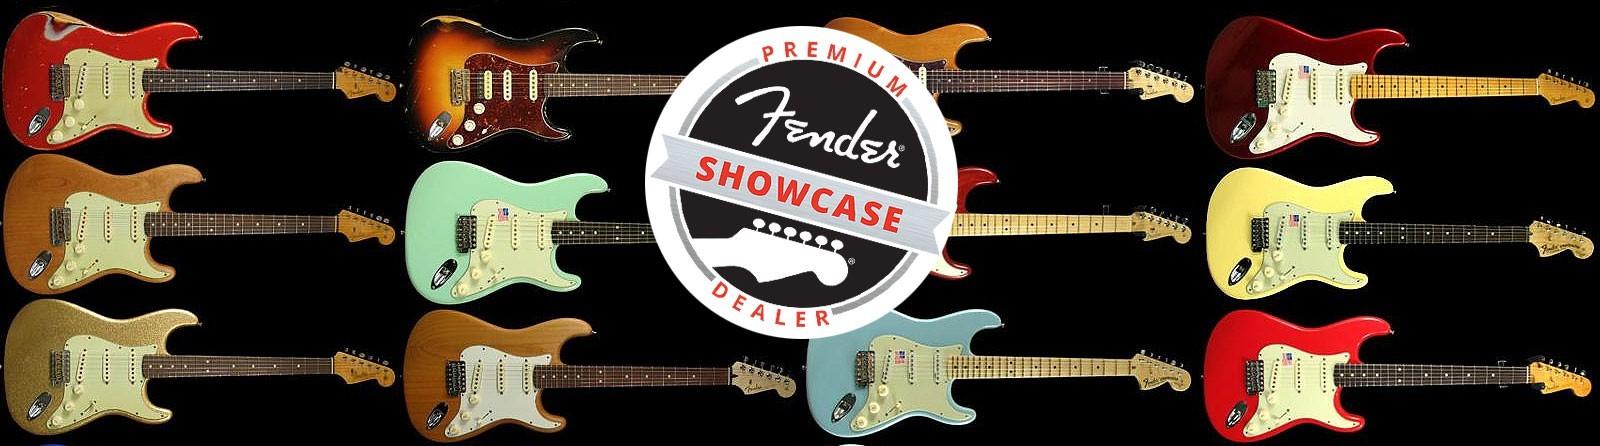 Guitarras y bajos Fender